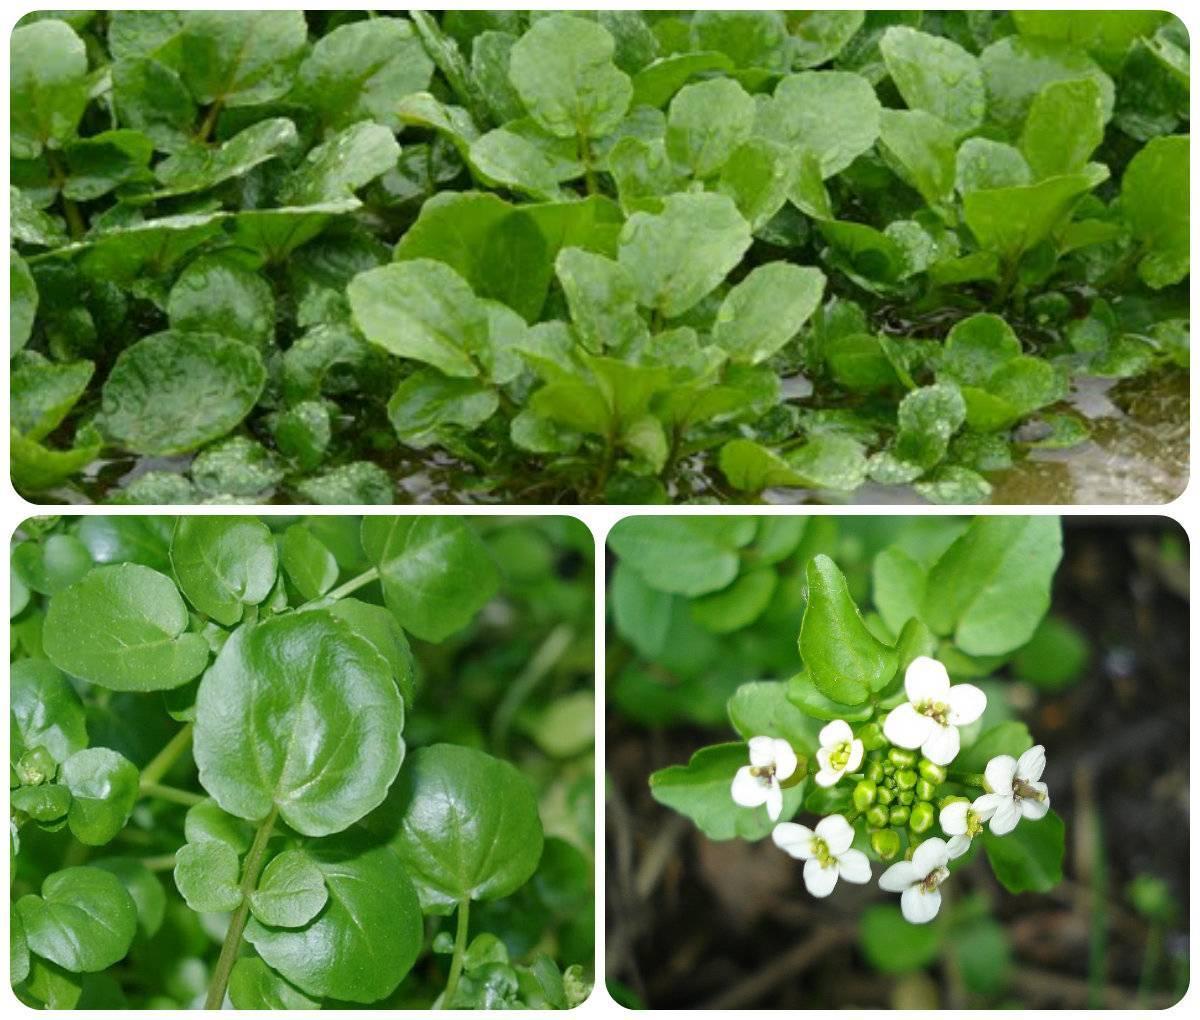 Кресс салат на подоконнике: как выращивать самостоятельно - 3 лучших способа!